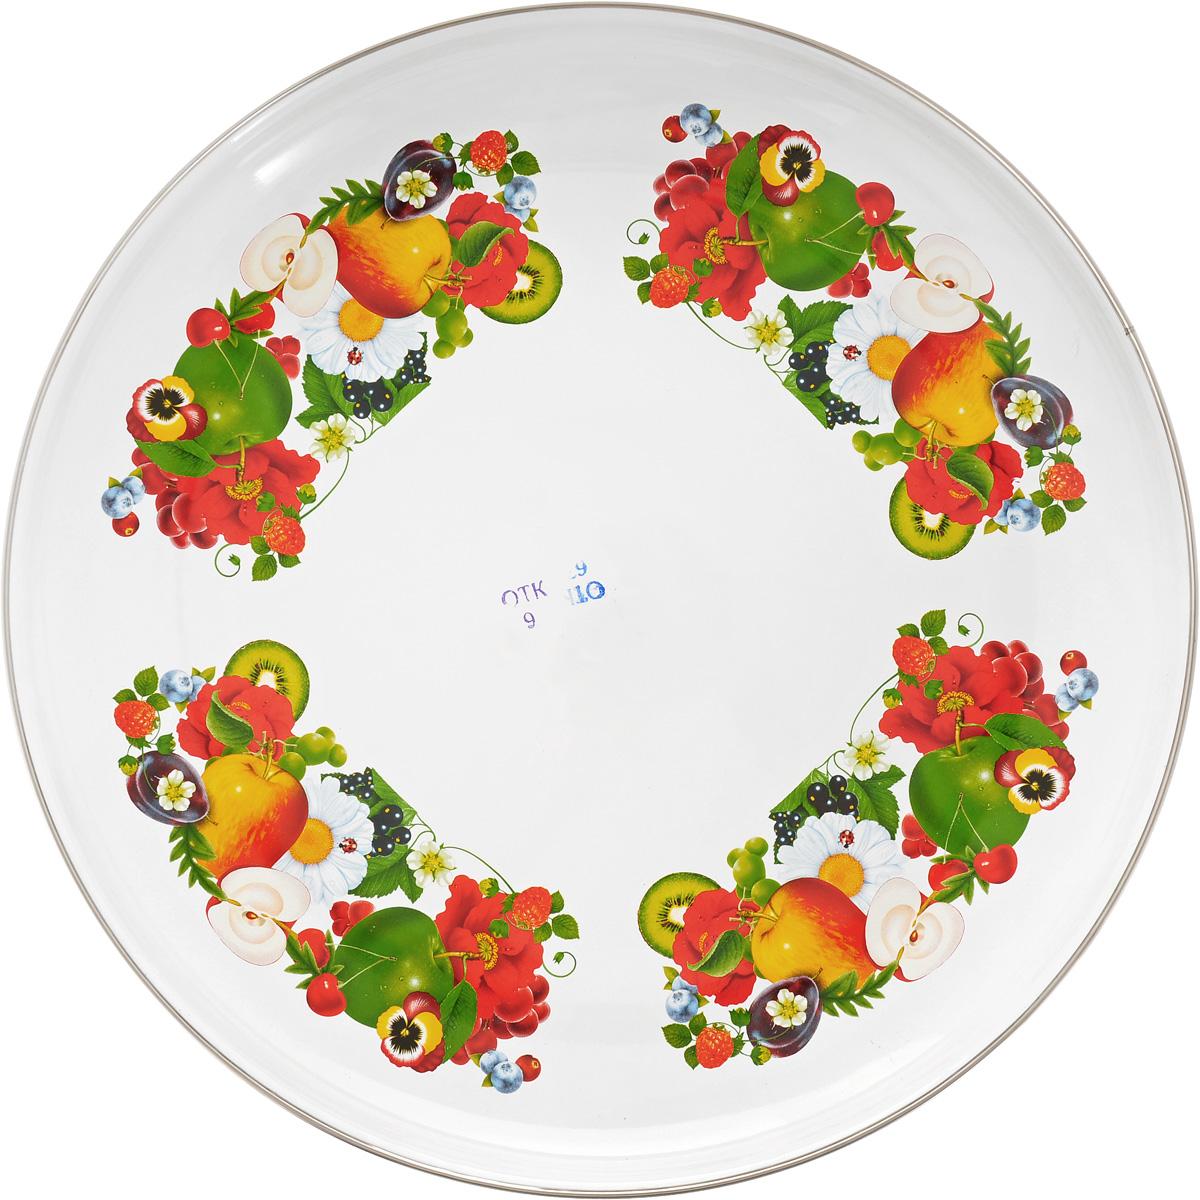 Блюдо Лысьвенские эмали Яблоки, цветы, диаметр 36 смС-0811А/5_яблоки, цветыБлюдо Лысьвенские эмали Яблоки, цветы, диаметр 36 см